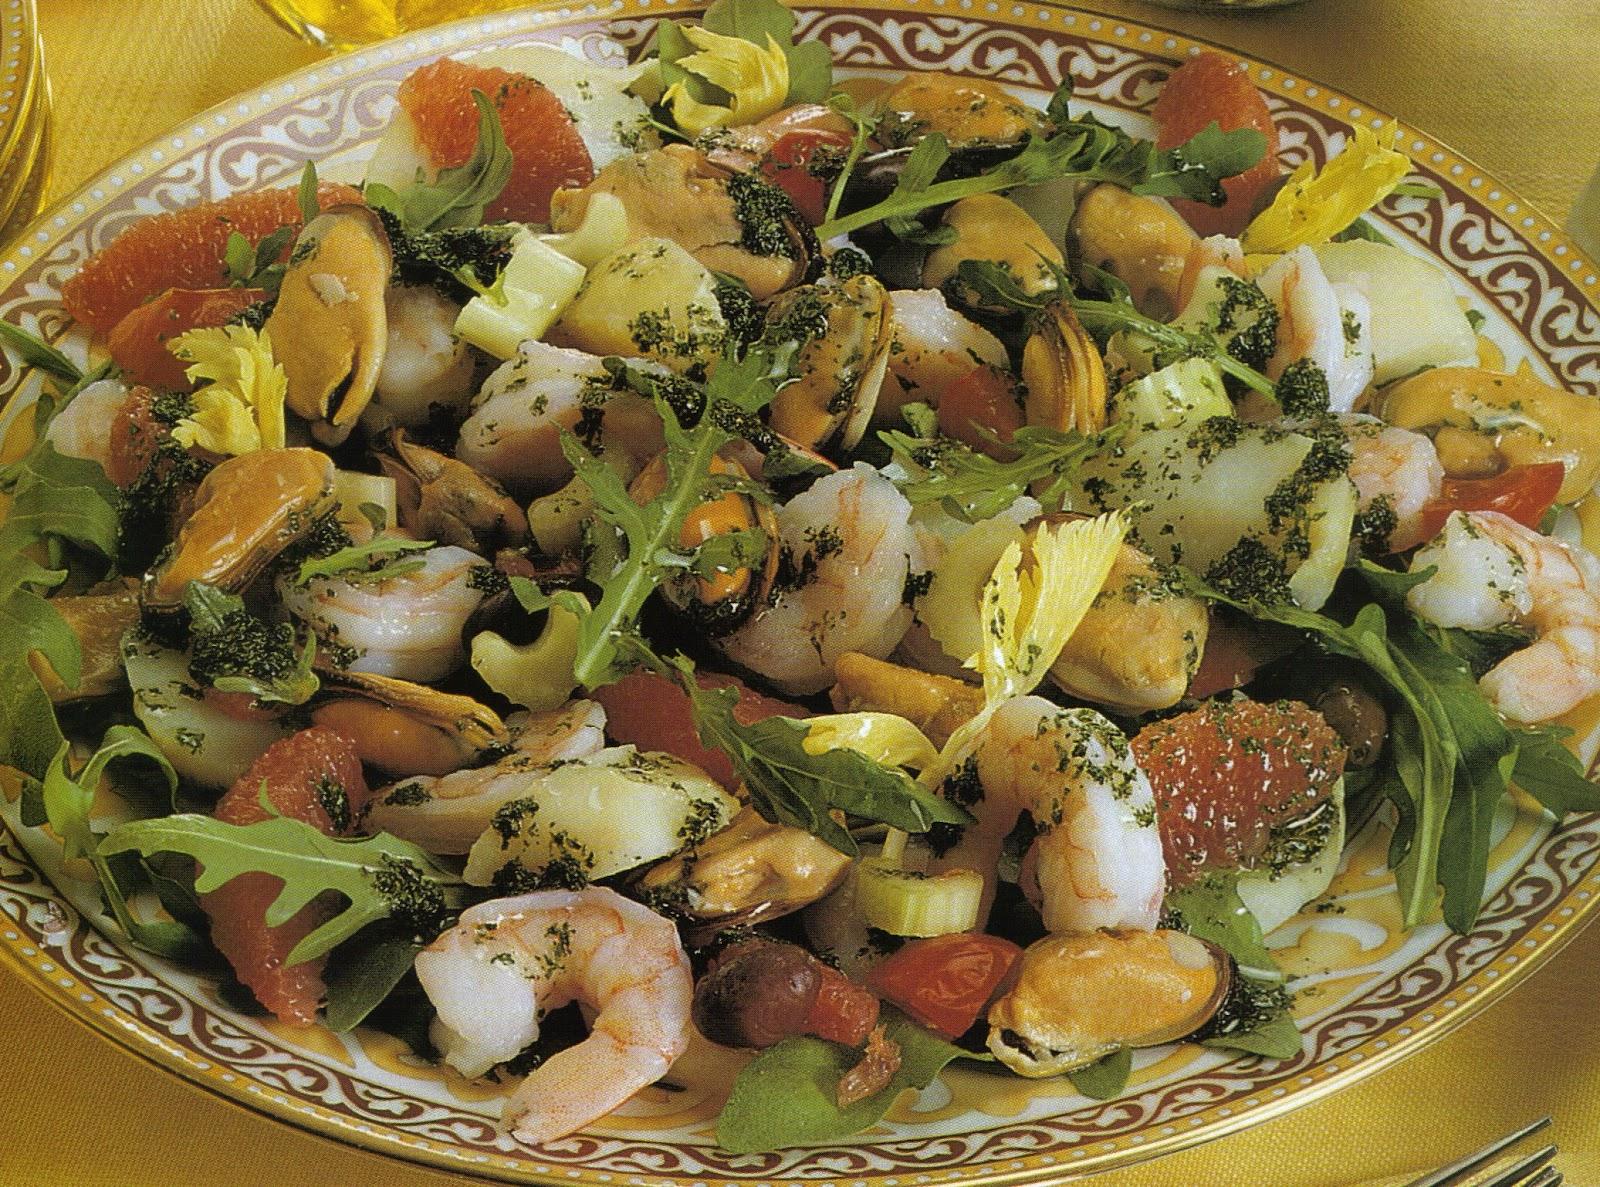 Insalata alle pere con soncino e gherigli di noce la for Soncino insalata